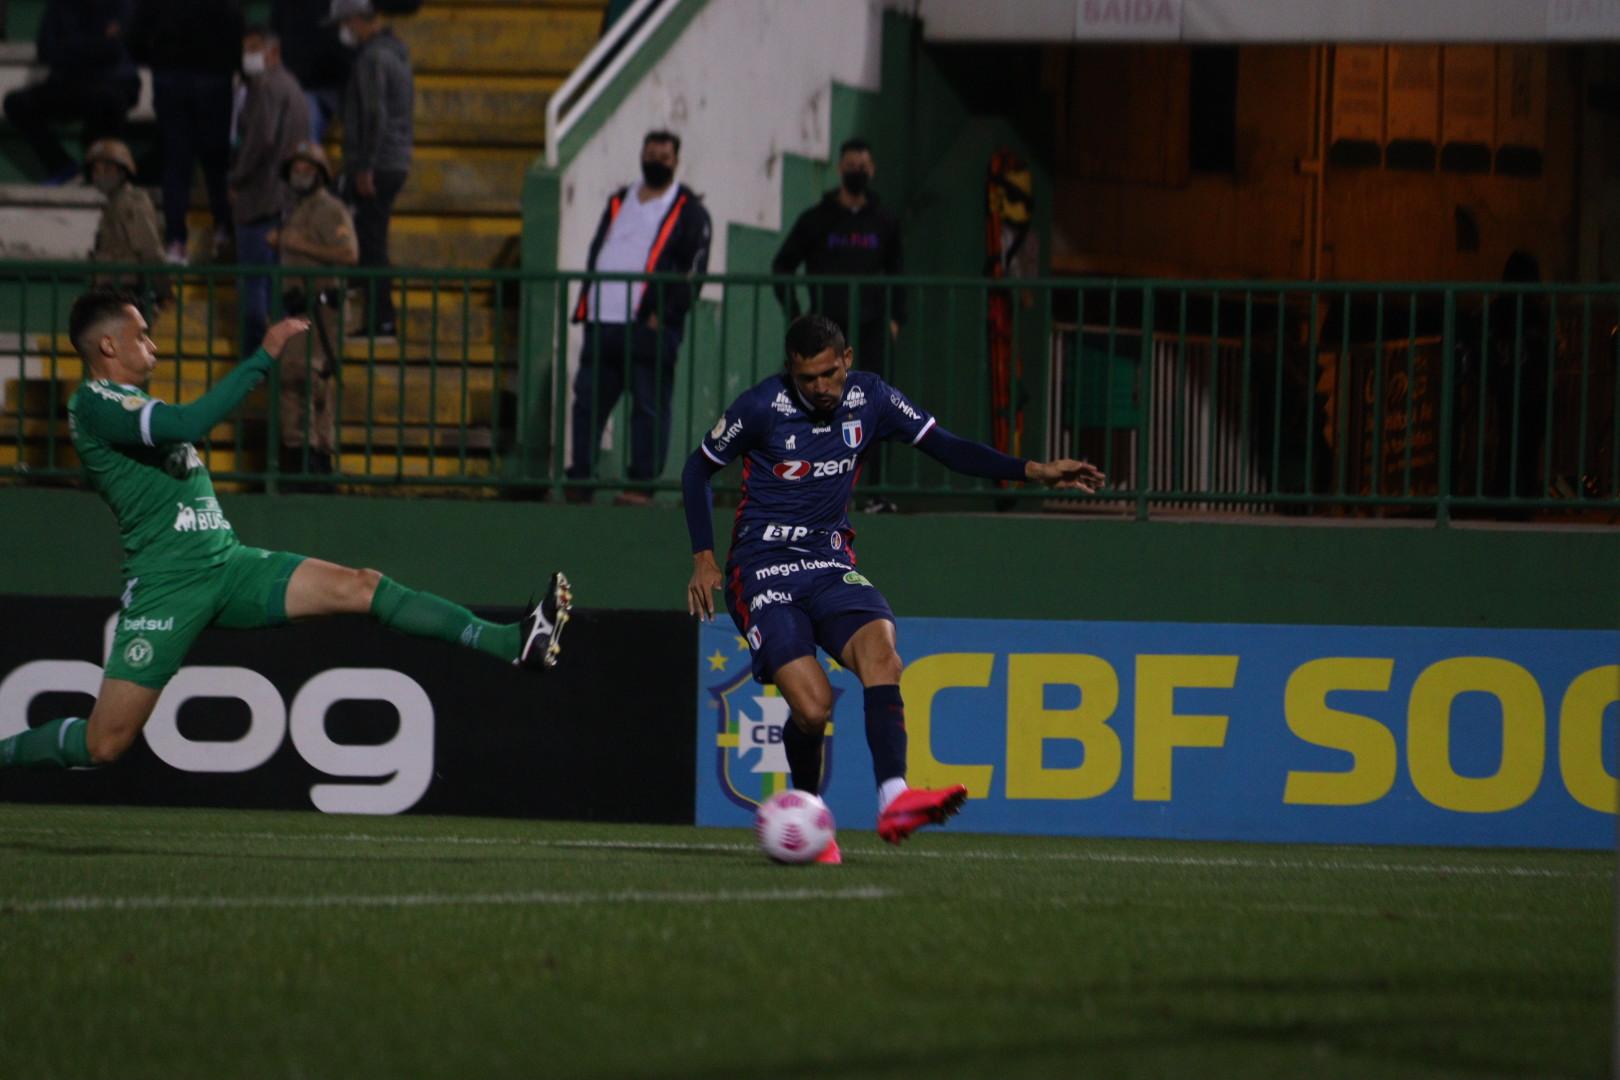 Com gols de Bruno Melo e Pikachu, Fortaleza vence a Chapecoense na Arena Condá